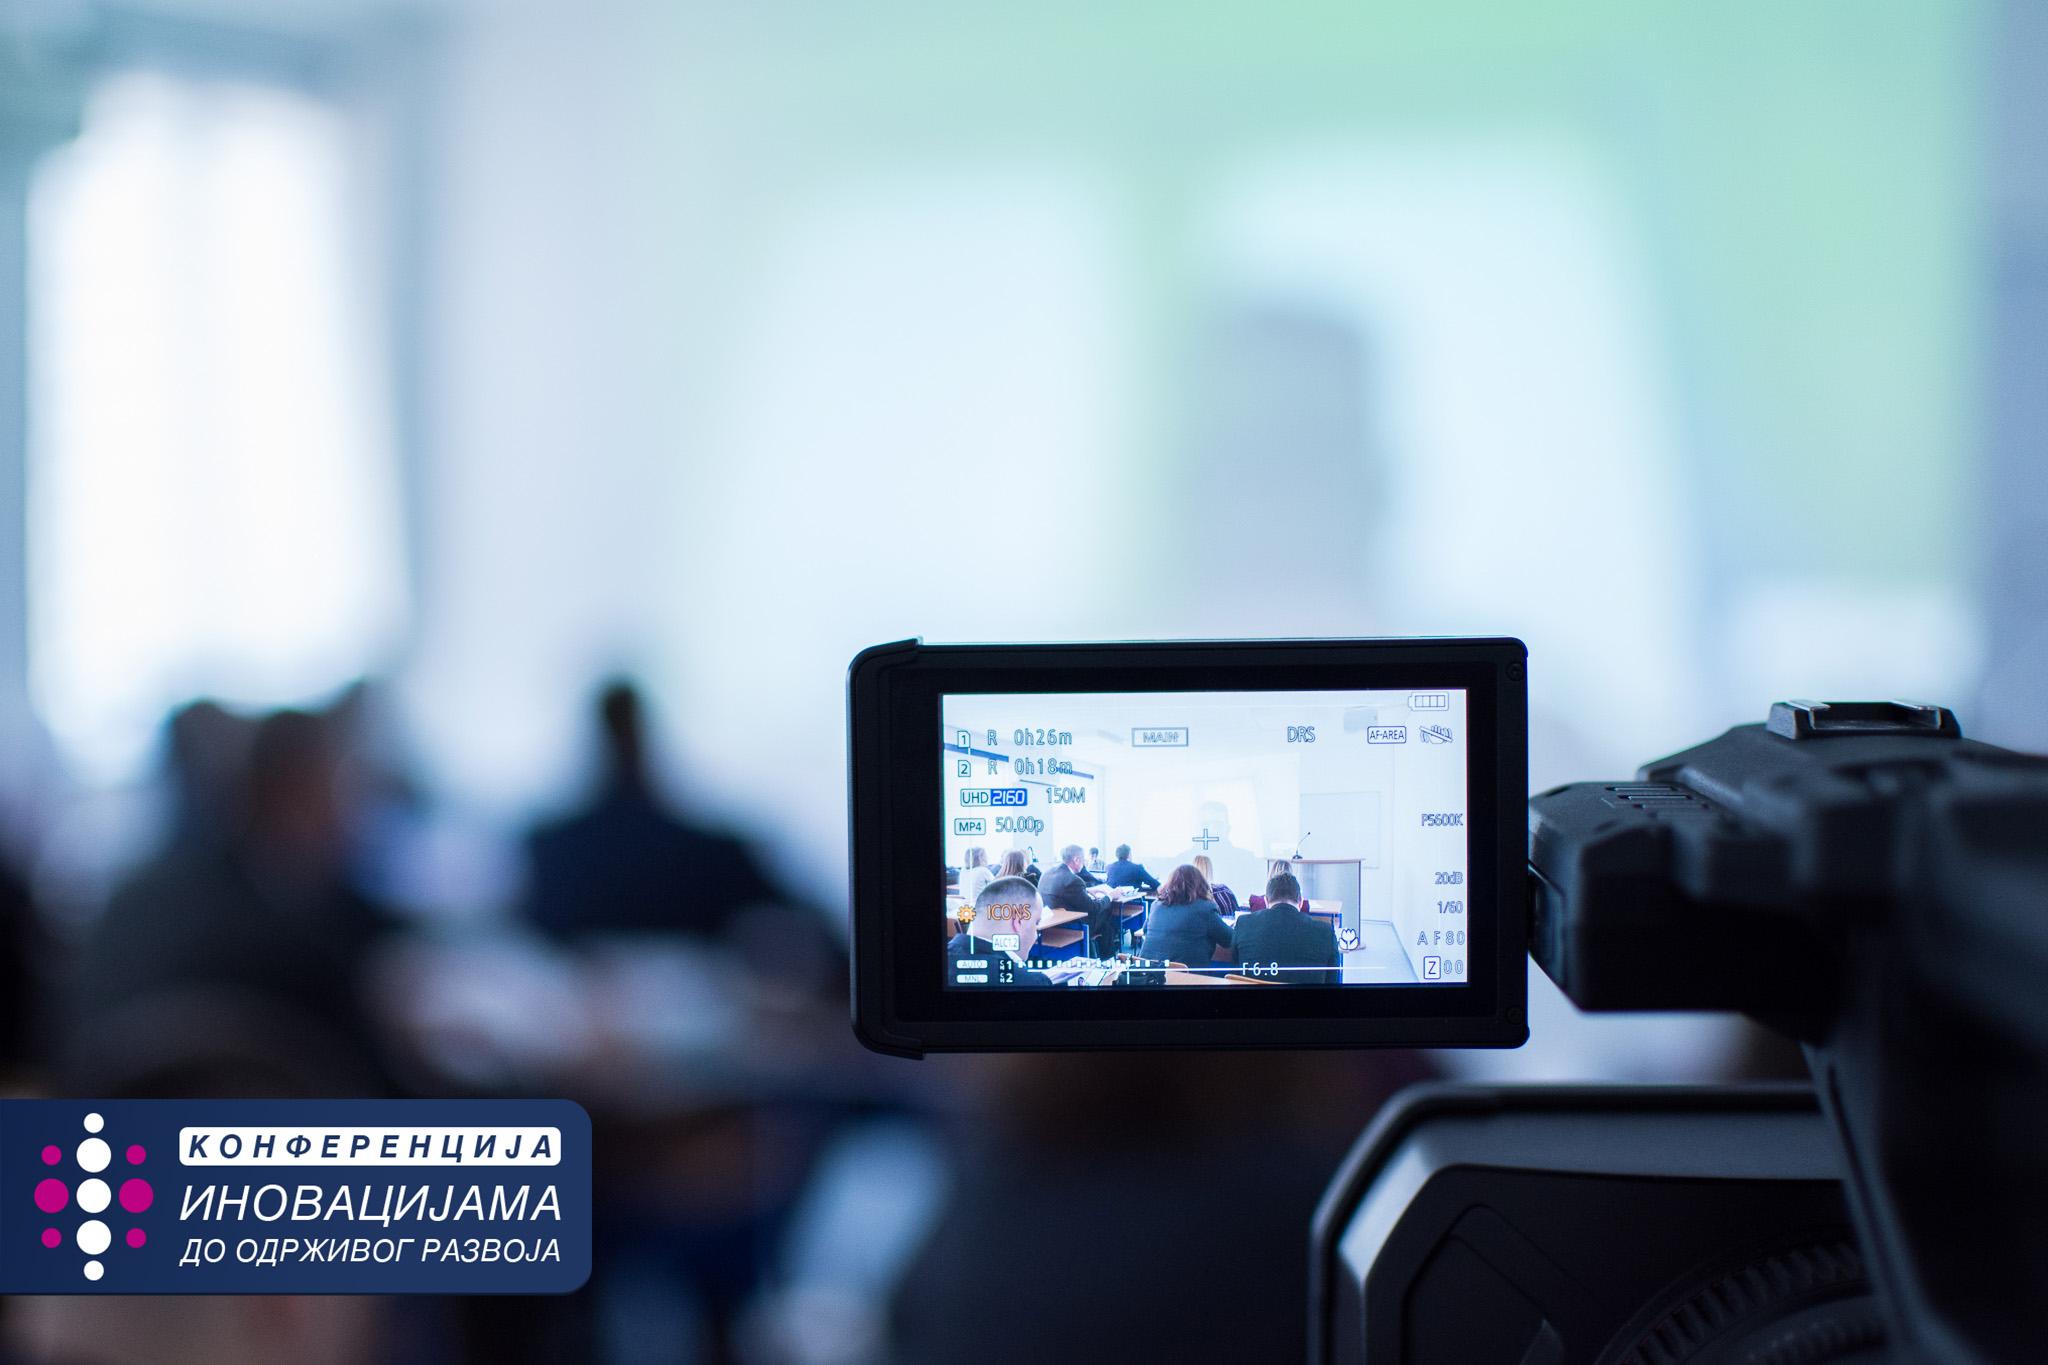 MEF Fakultet - izvestaj sa konferencije 34